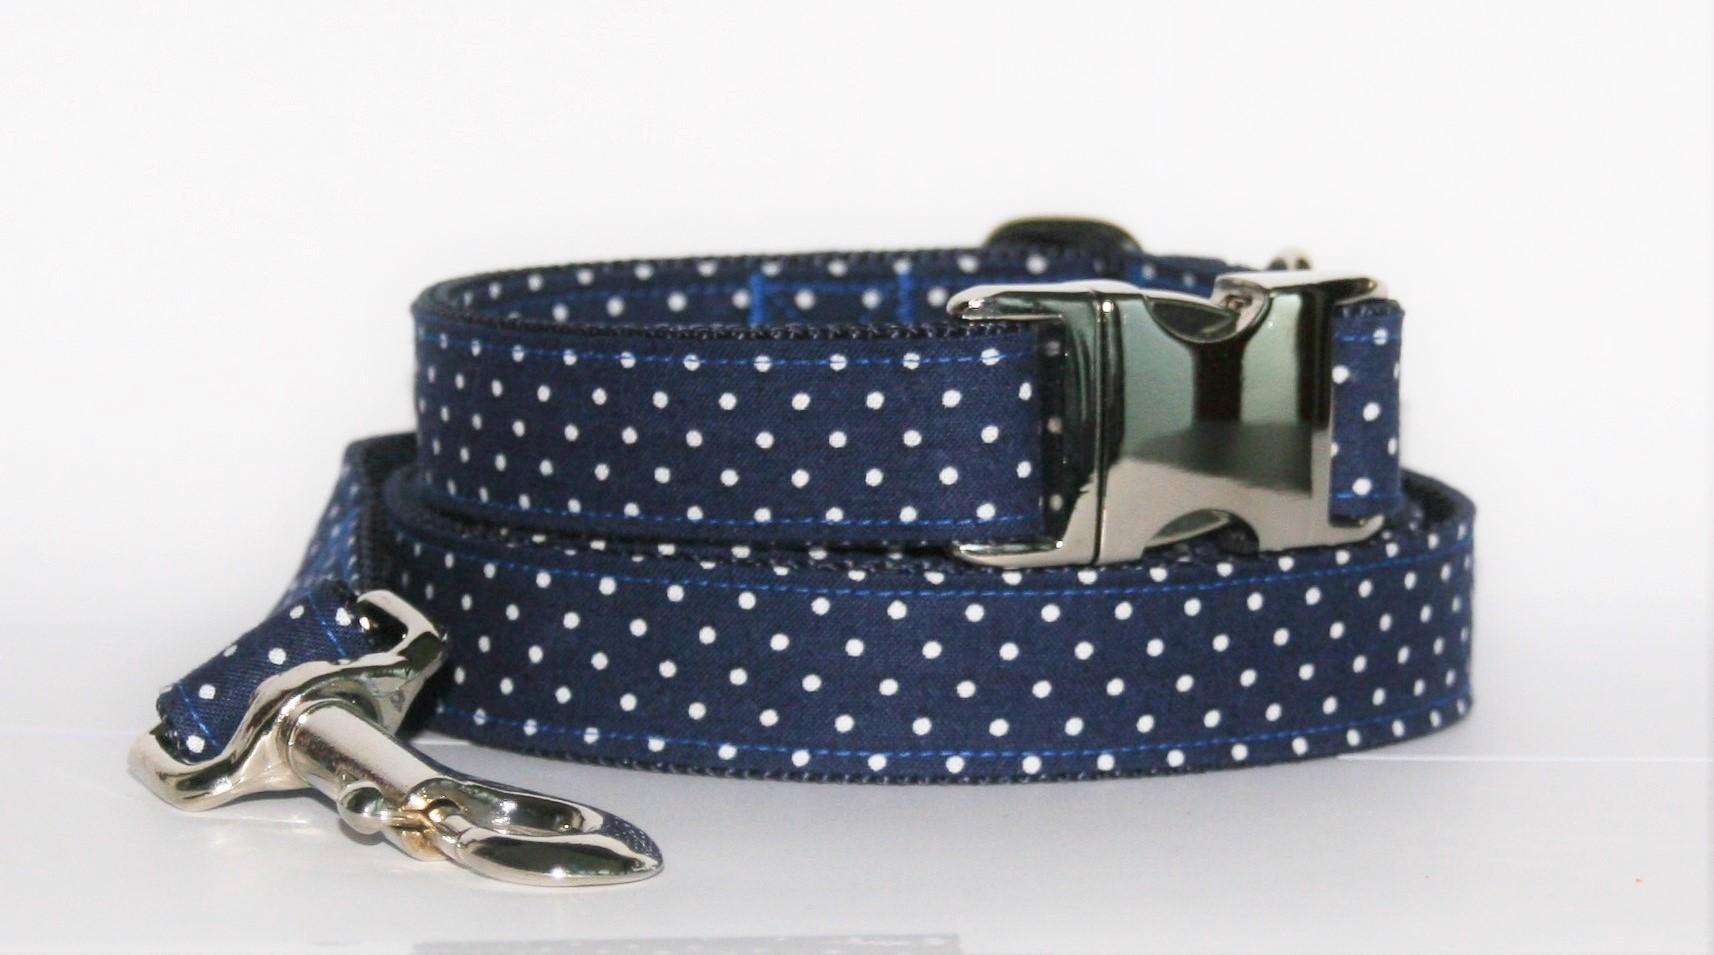 Hundehalsband und Hundeleine Purpur blau als Set in verschiedenen Ausführungen erhältlich